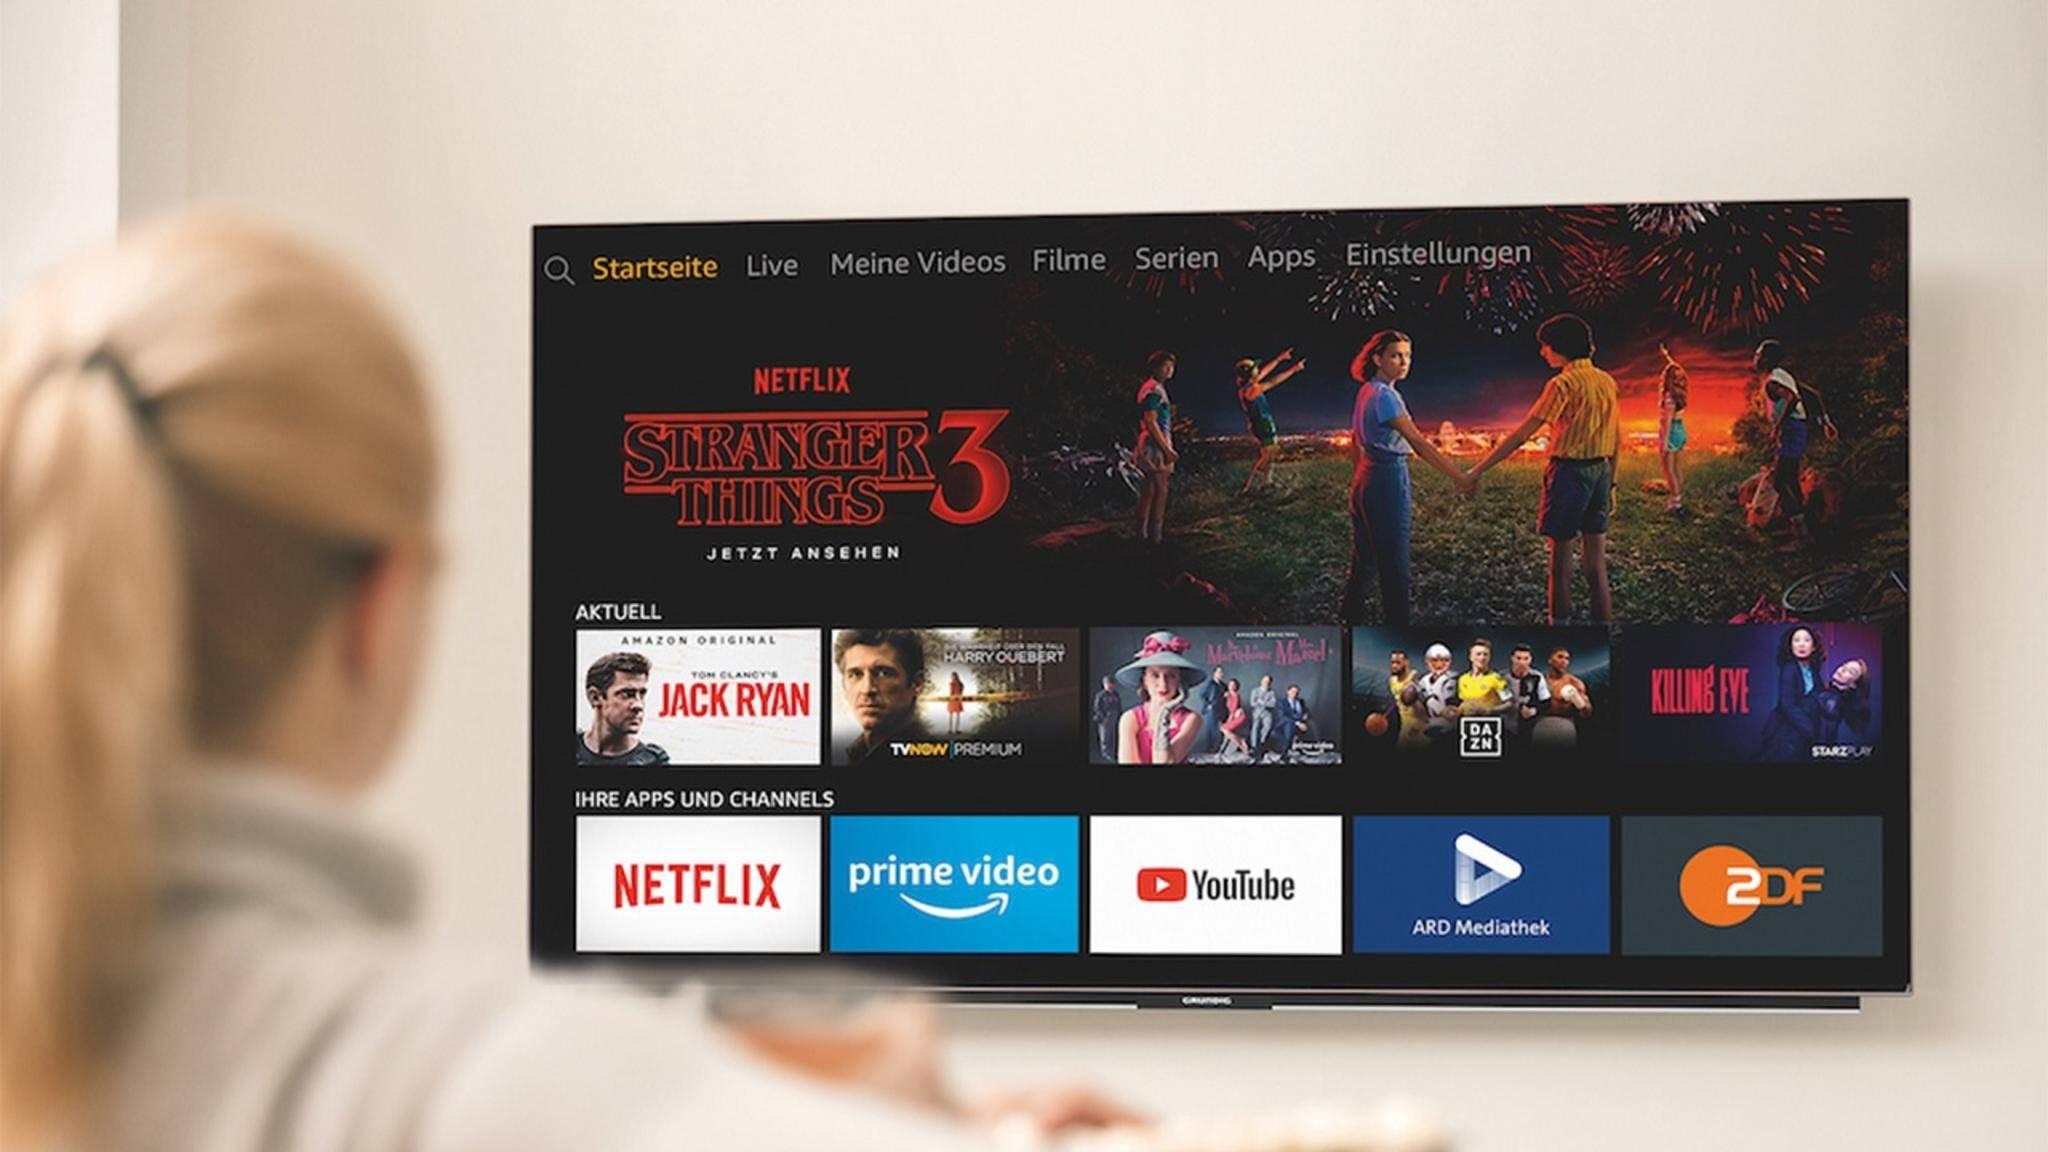 Grundig OLED-Fernseher mit Alexa